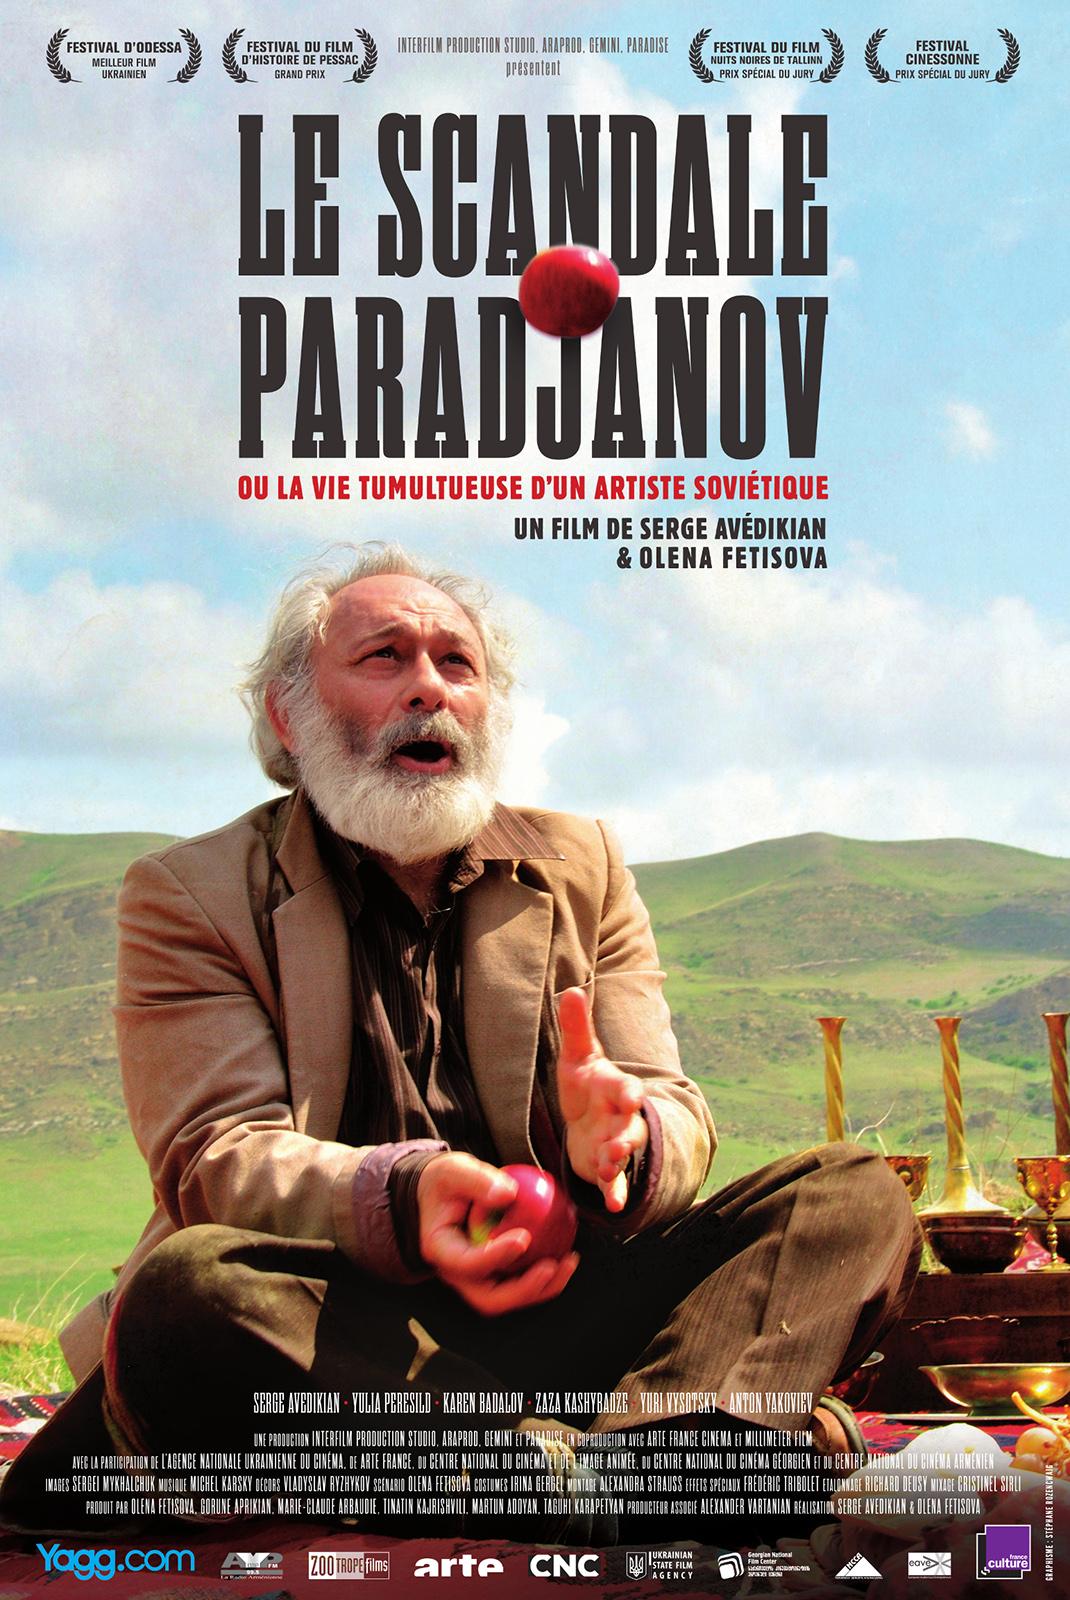 Le Scandale Paradjanov ou La vie tumultueuse d'un artiste soviétique